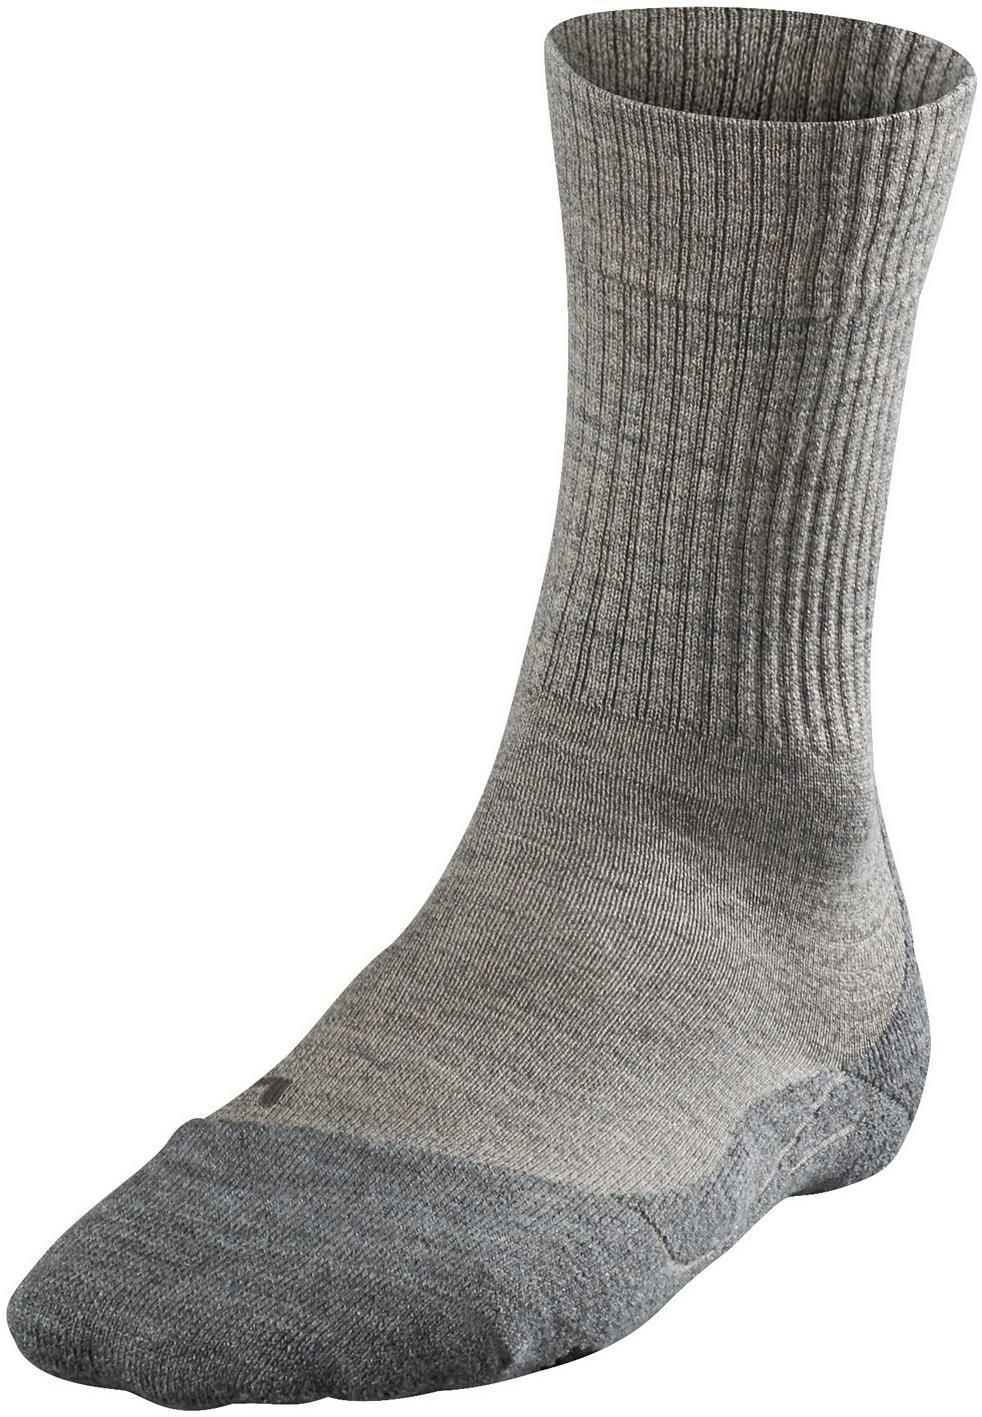 FALKE Herren Wandersocke Tk 2 Wool Men Socken